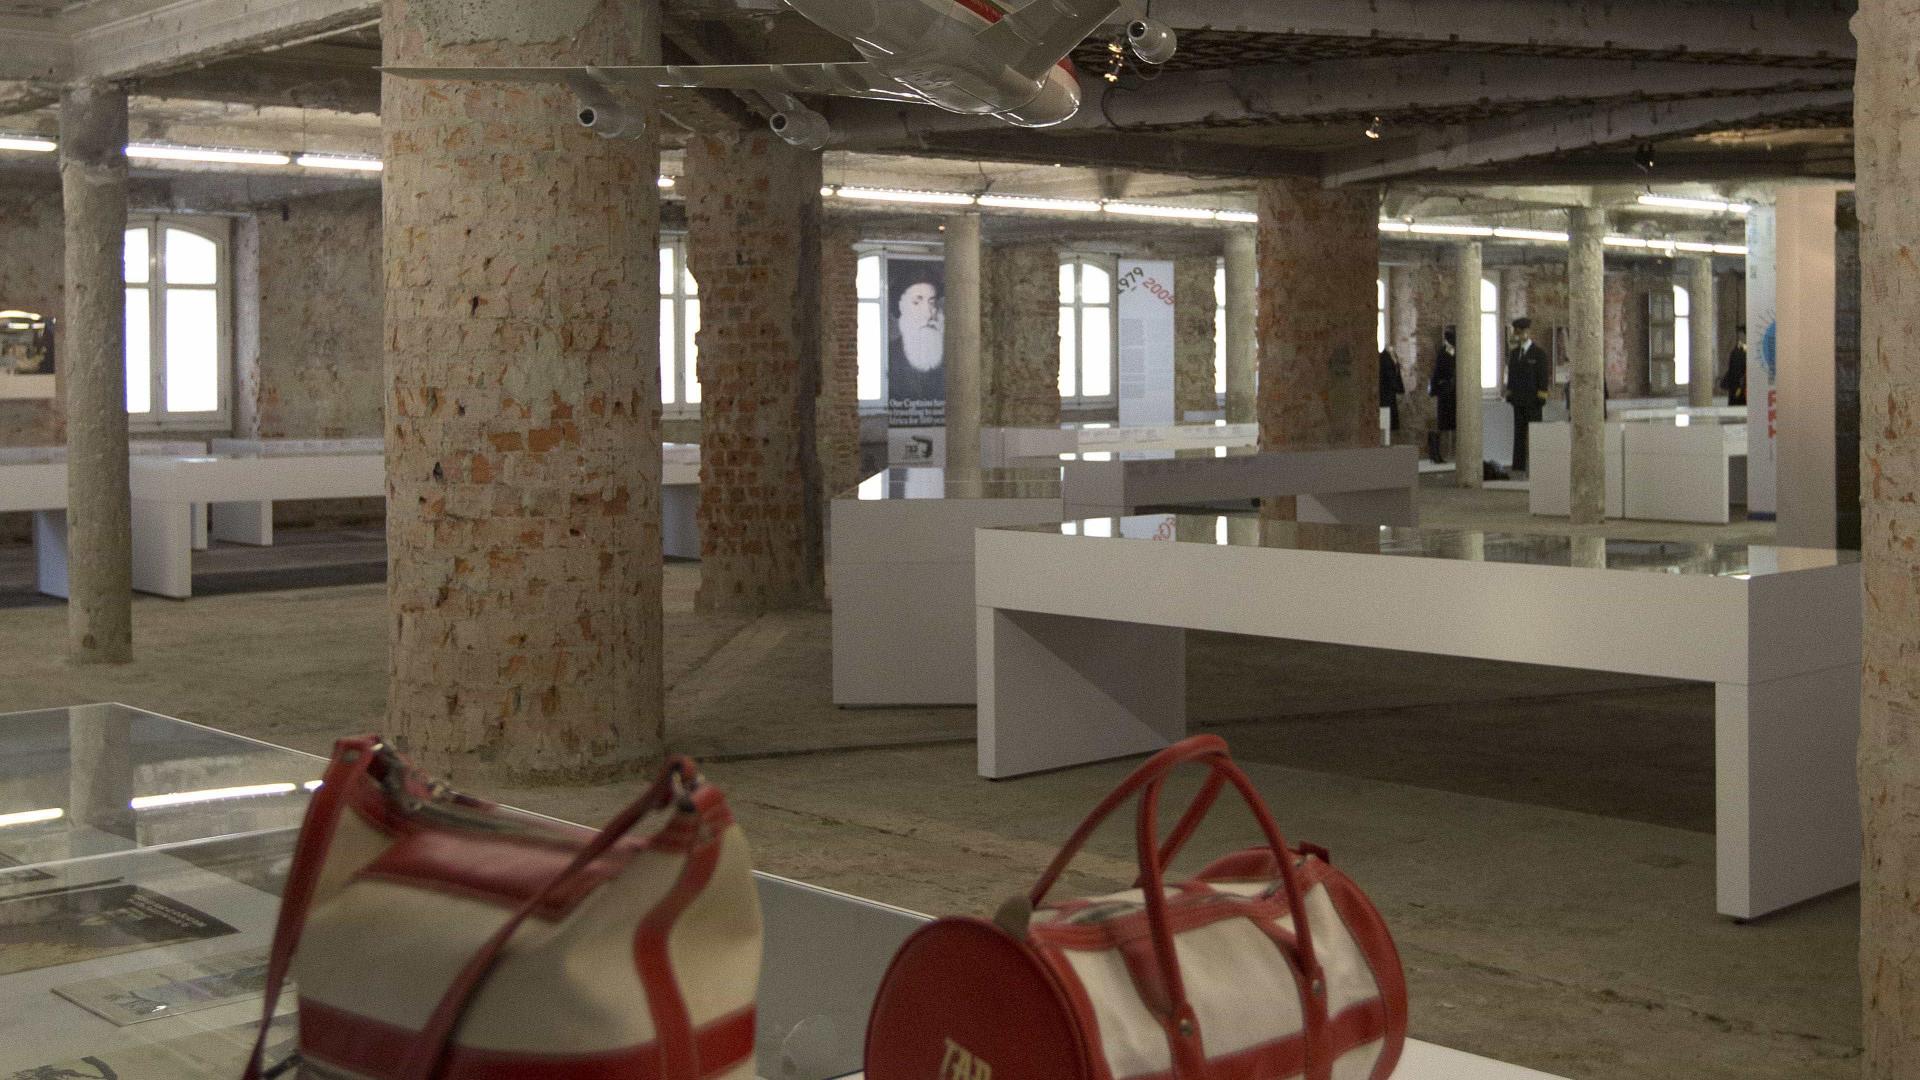 Exposição de homenagem ao 'designer' italiano Vico Magistretti em março